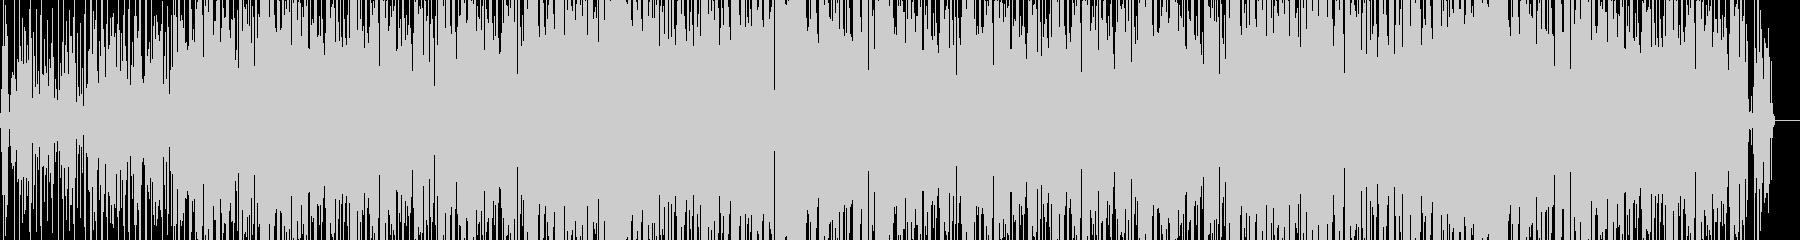 ラテンファンクの未再生の波形